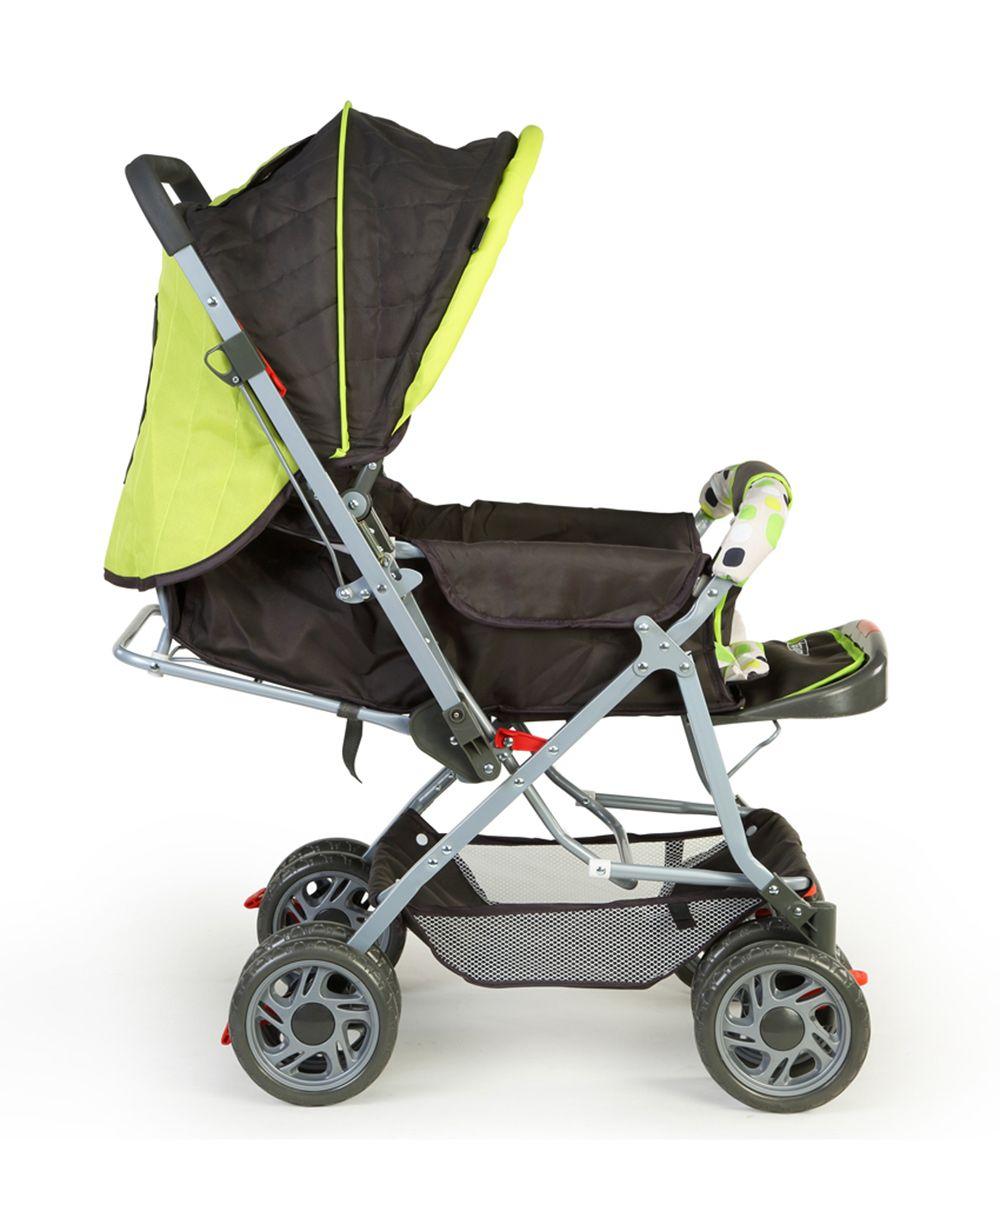 Luvlap Sunshine Baby Stroller 1003 Light Green